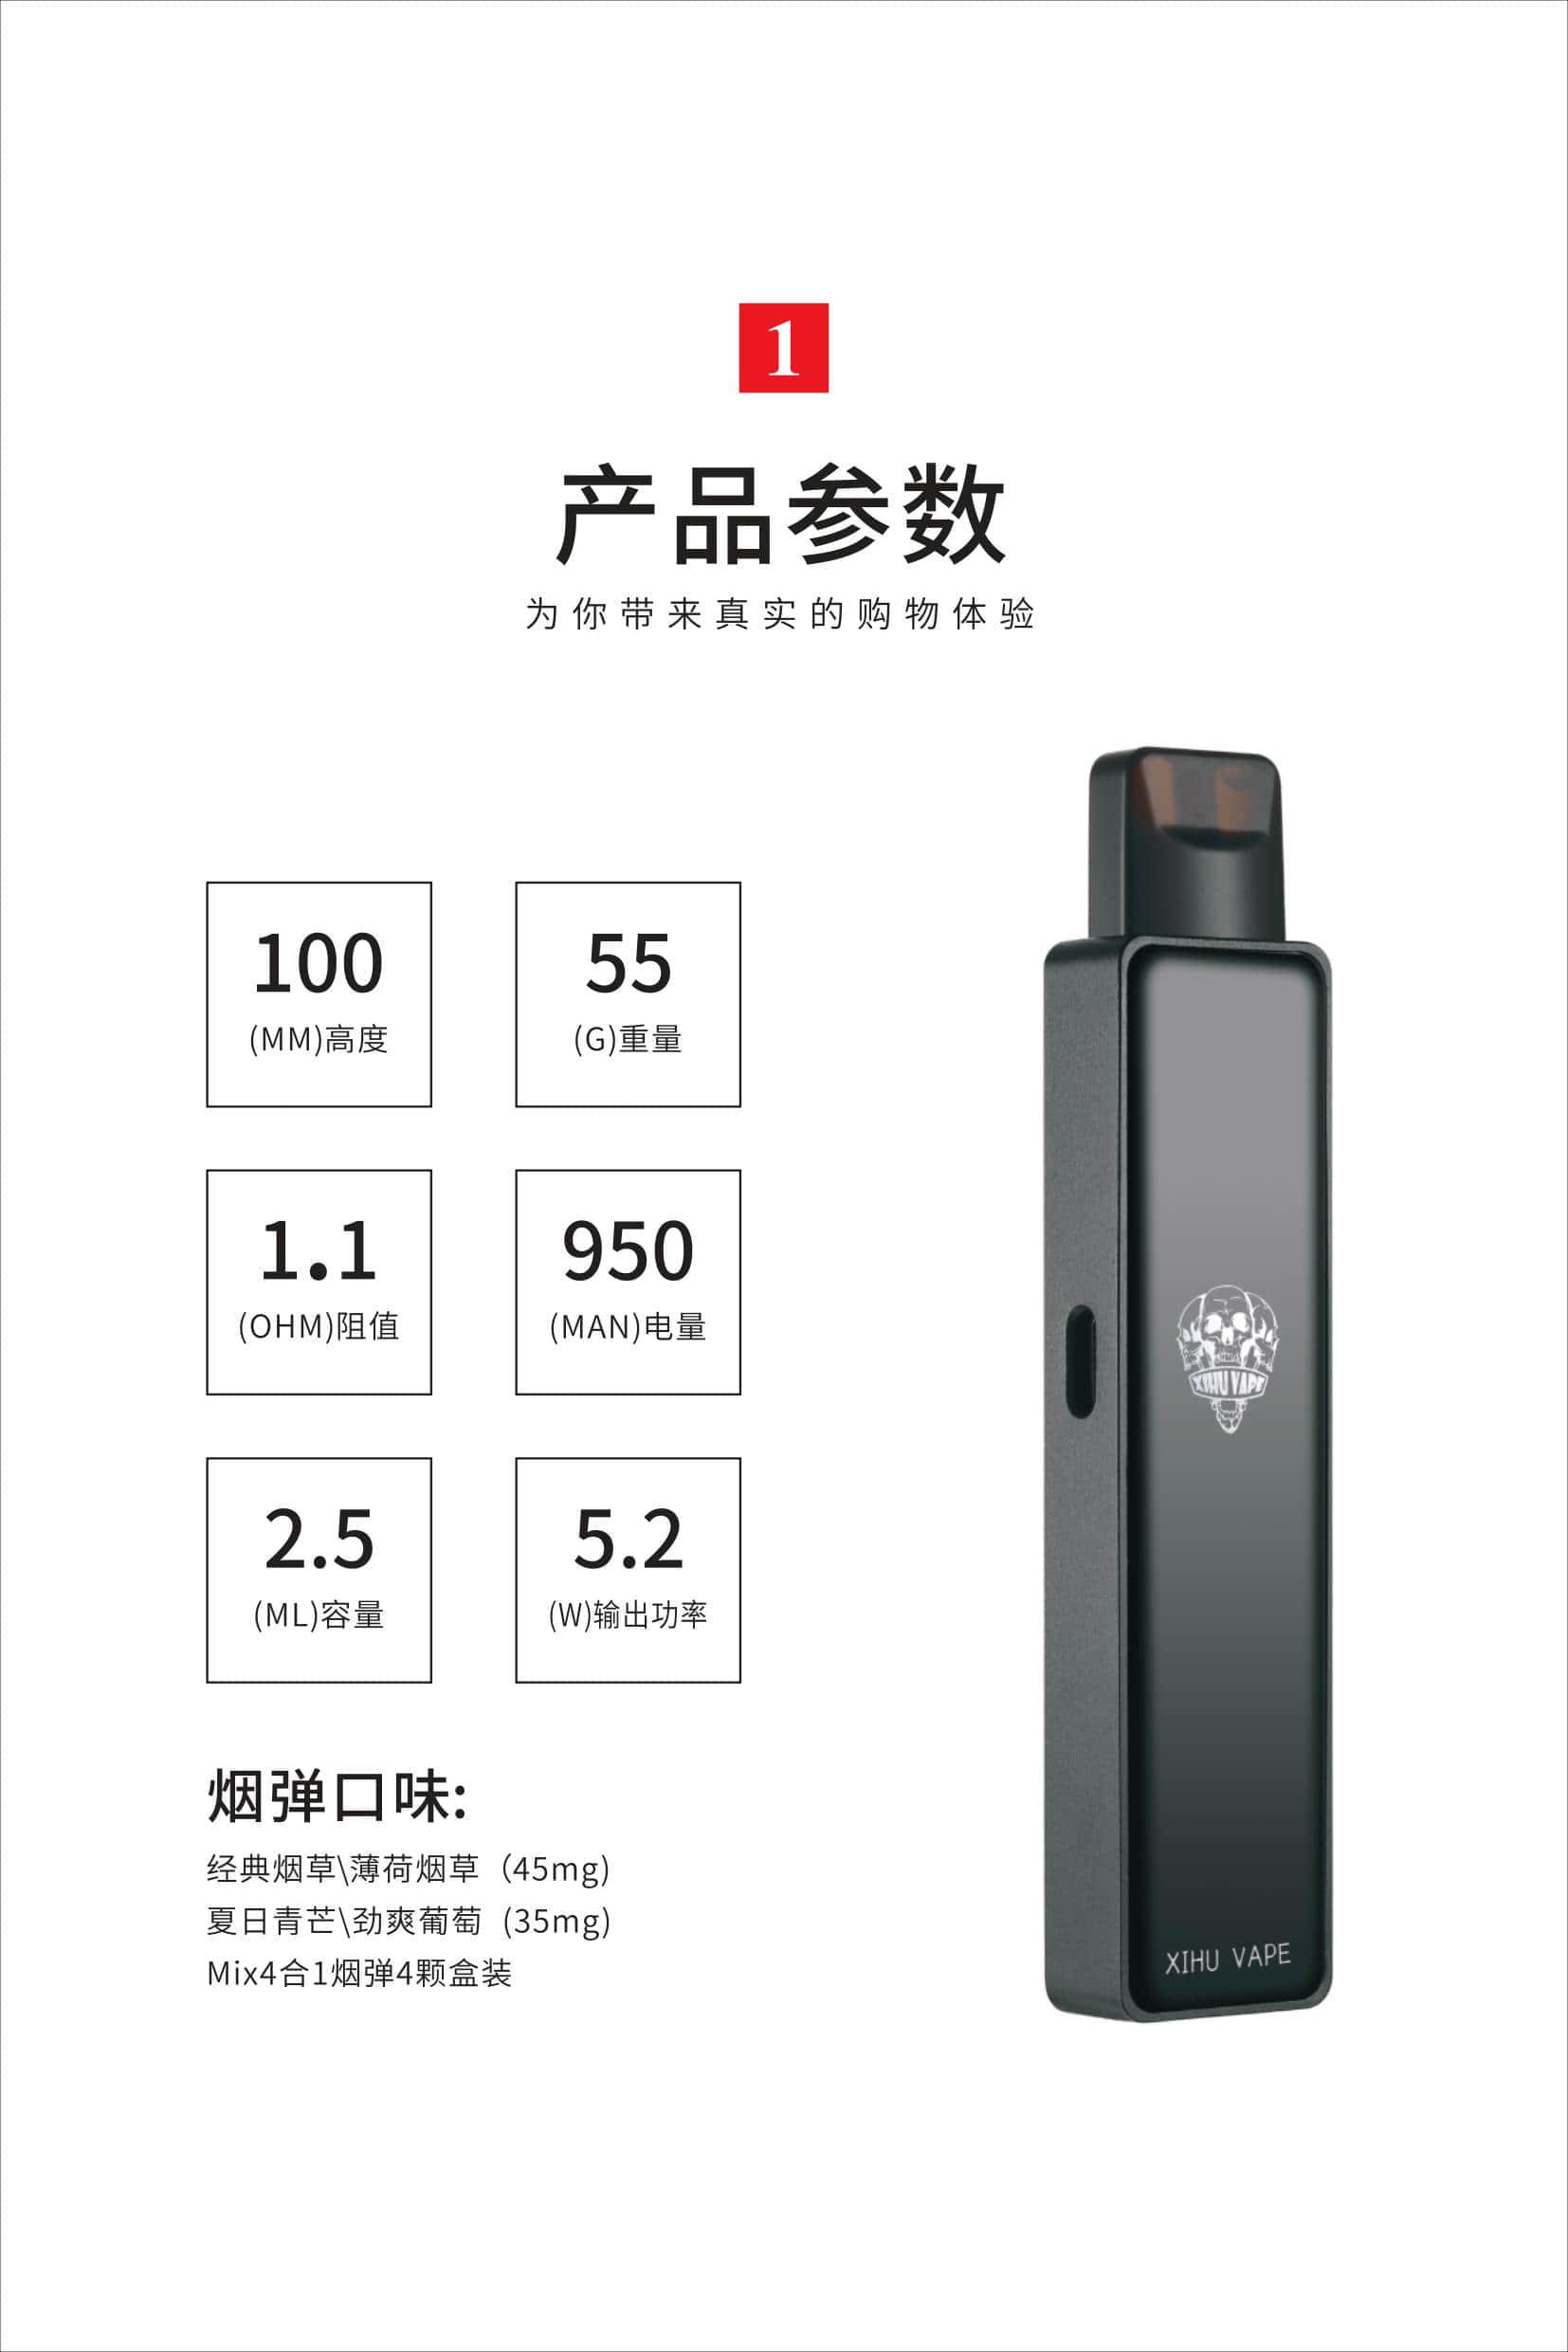 西户VAPE电子烟,戒烟黑科技插图(3)